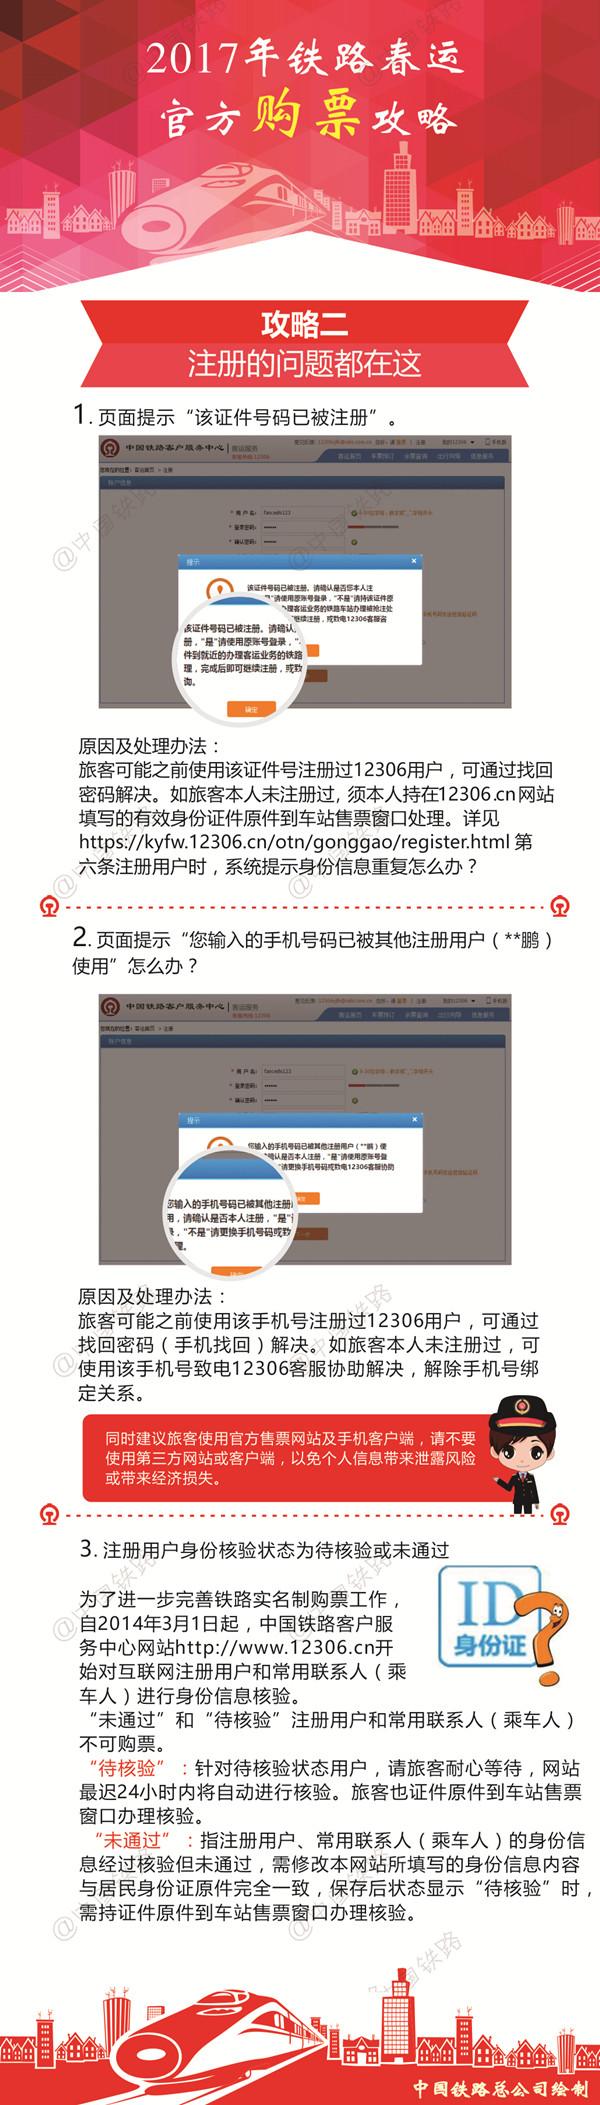 图解:春运首日火车票明日开售 铁总发布官方购票攻略【2】